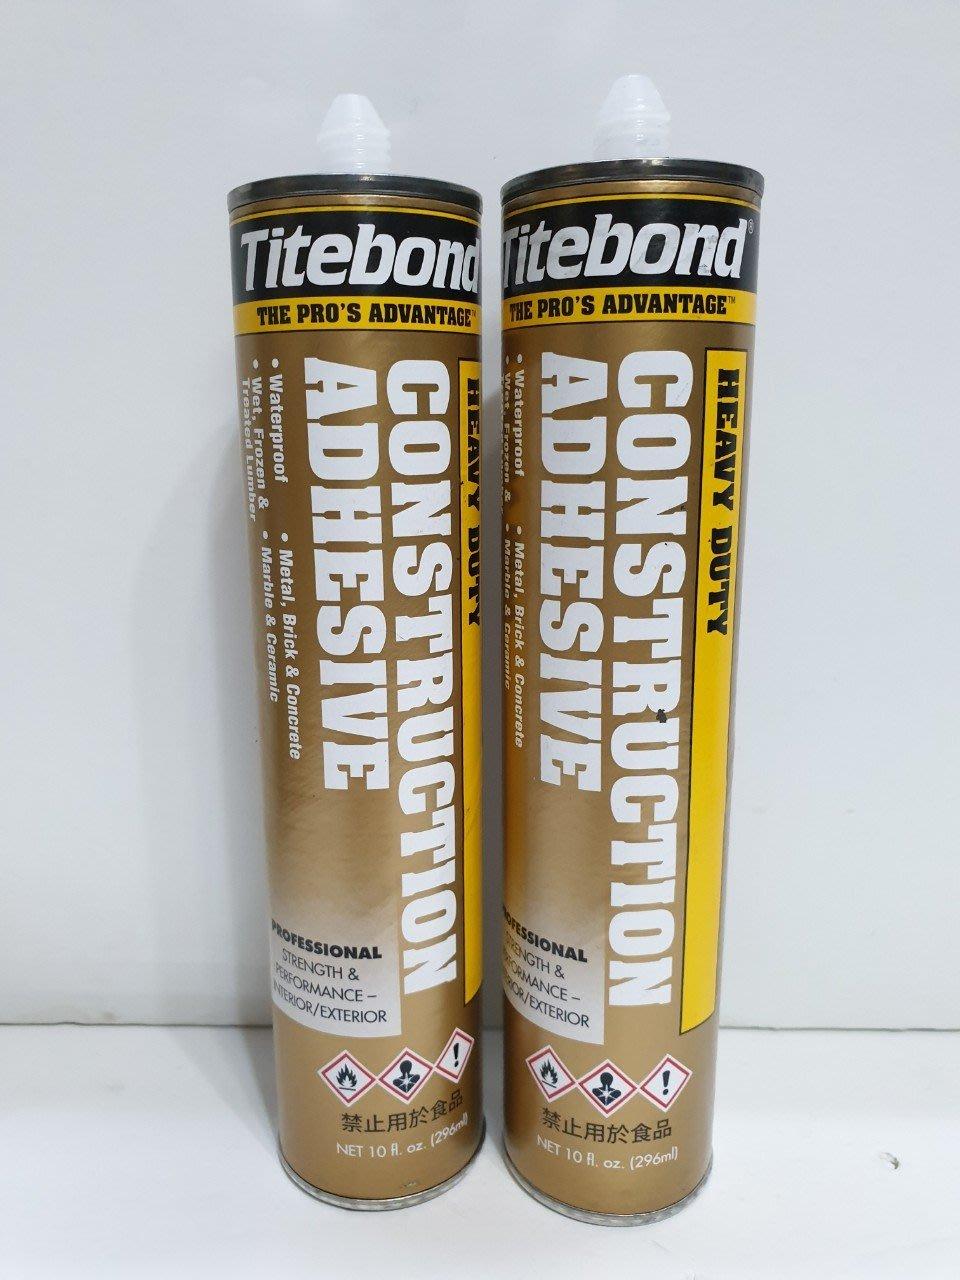 [曾旺]美國 Titebond 太棒膠 萬能膠 免釘膠 296ml 超商一次10罐